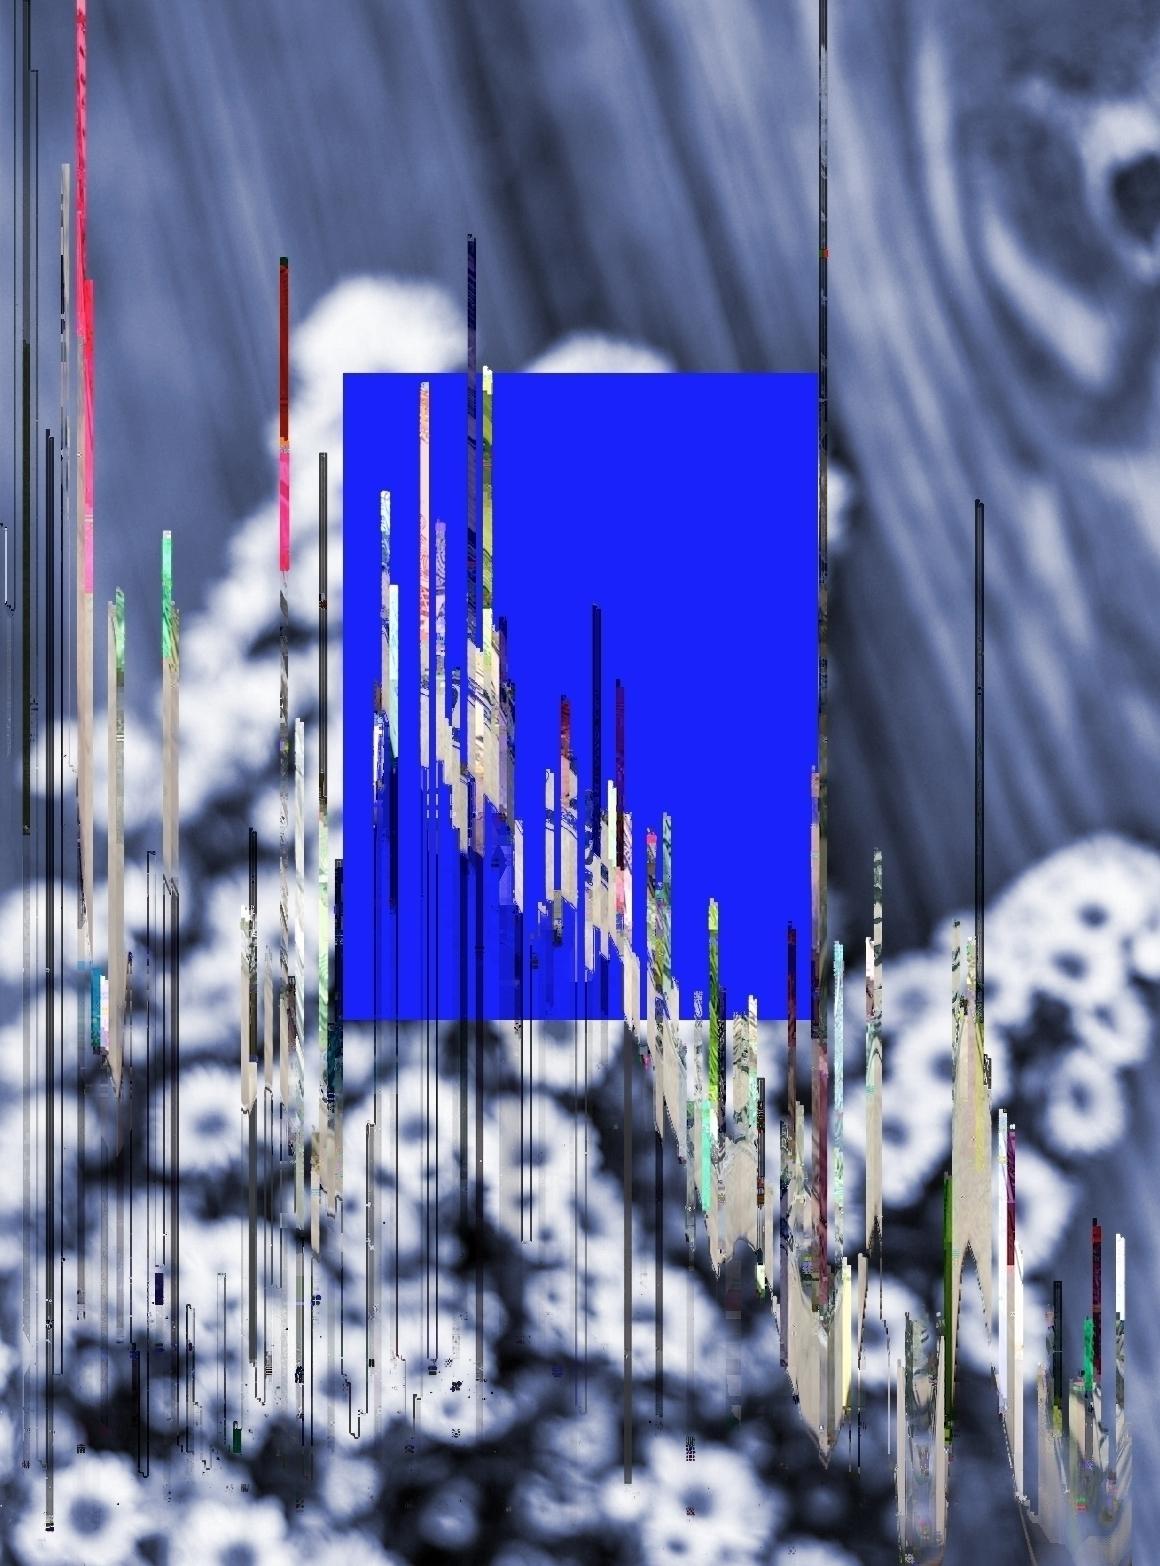 glitch, digital, collage, datamosh - dannyeigh | ello